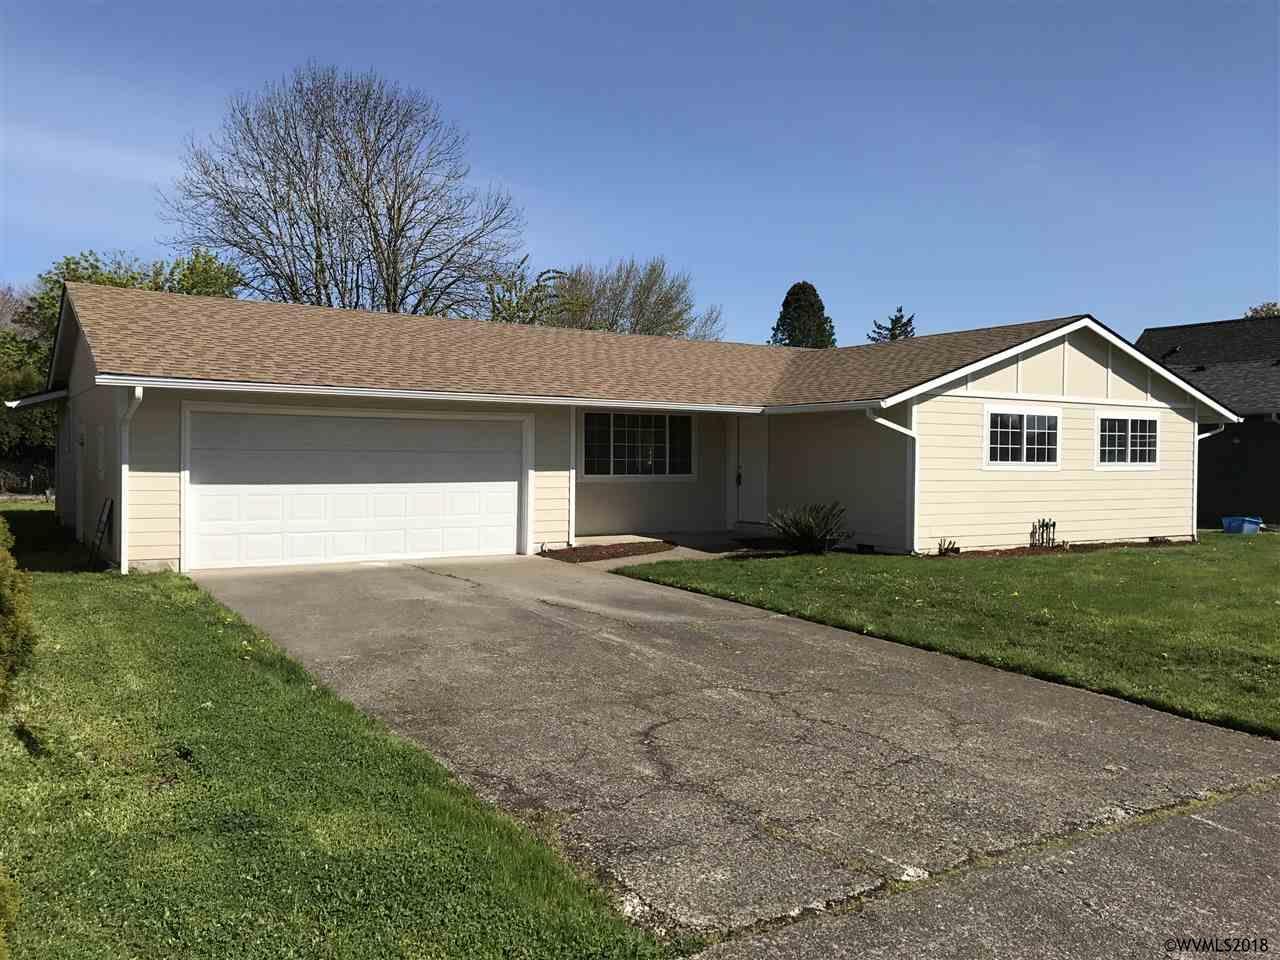 4076  47th Av, Salem, Oregon